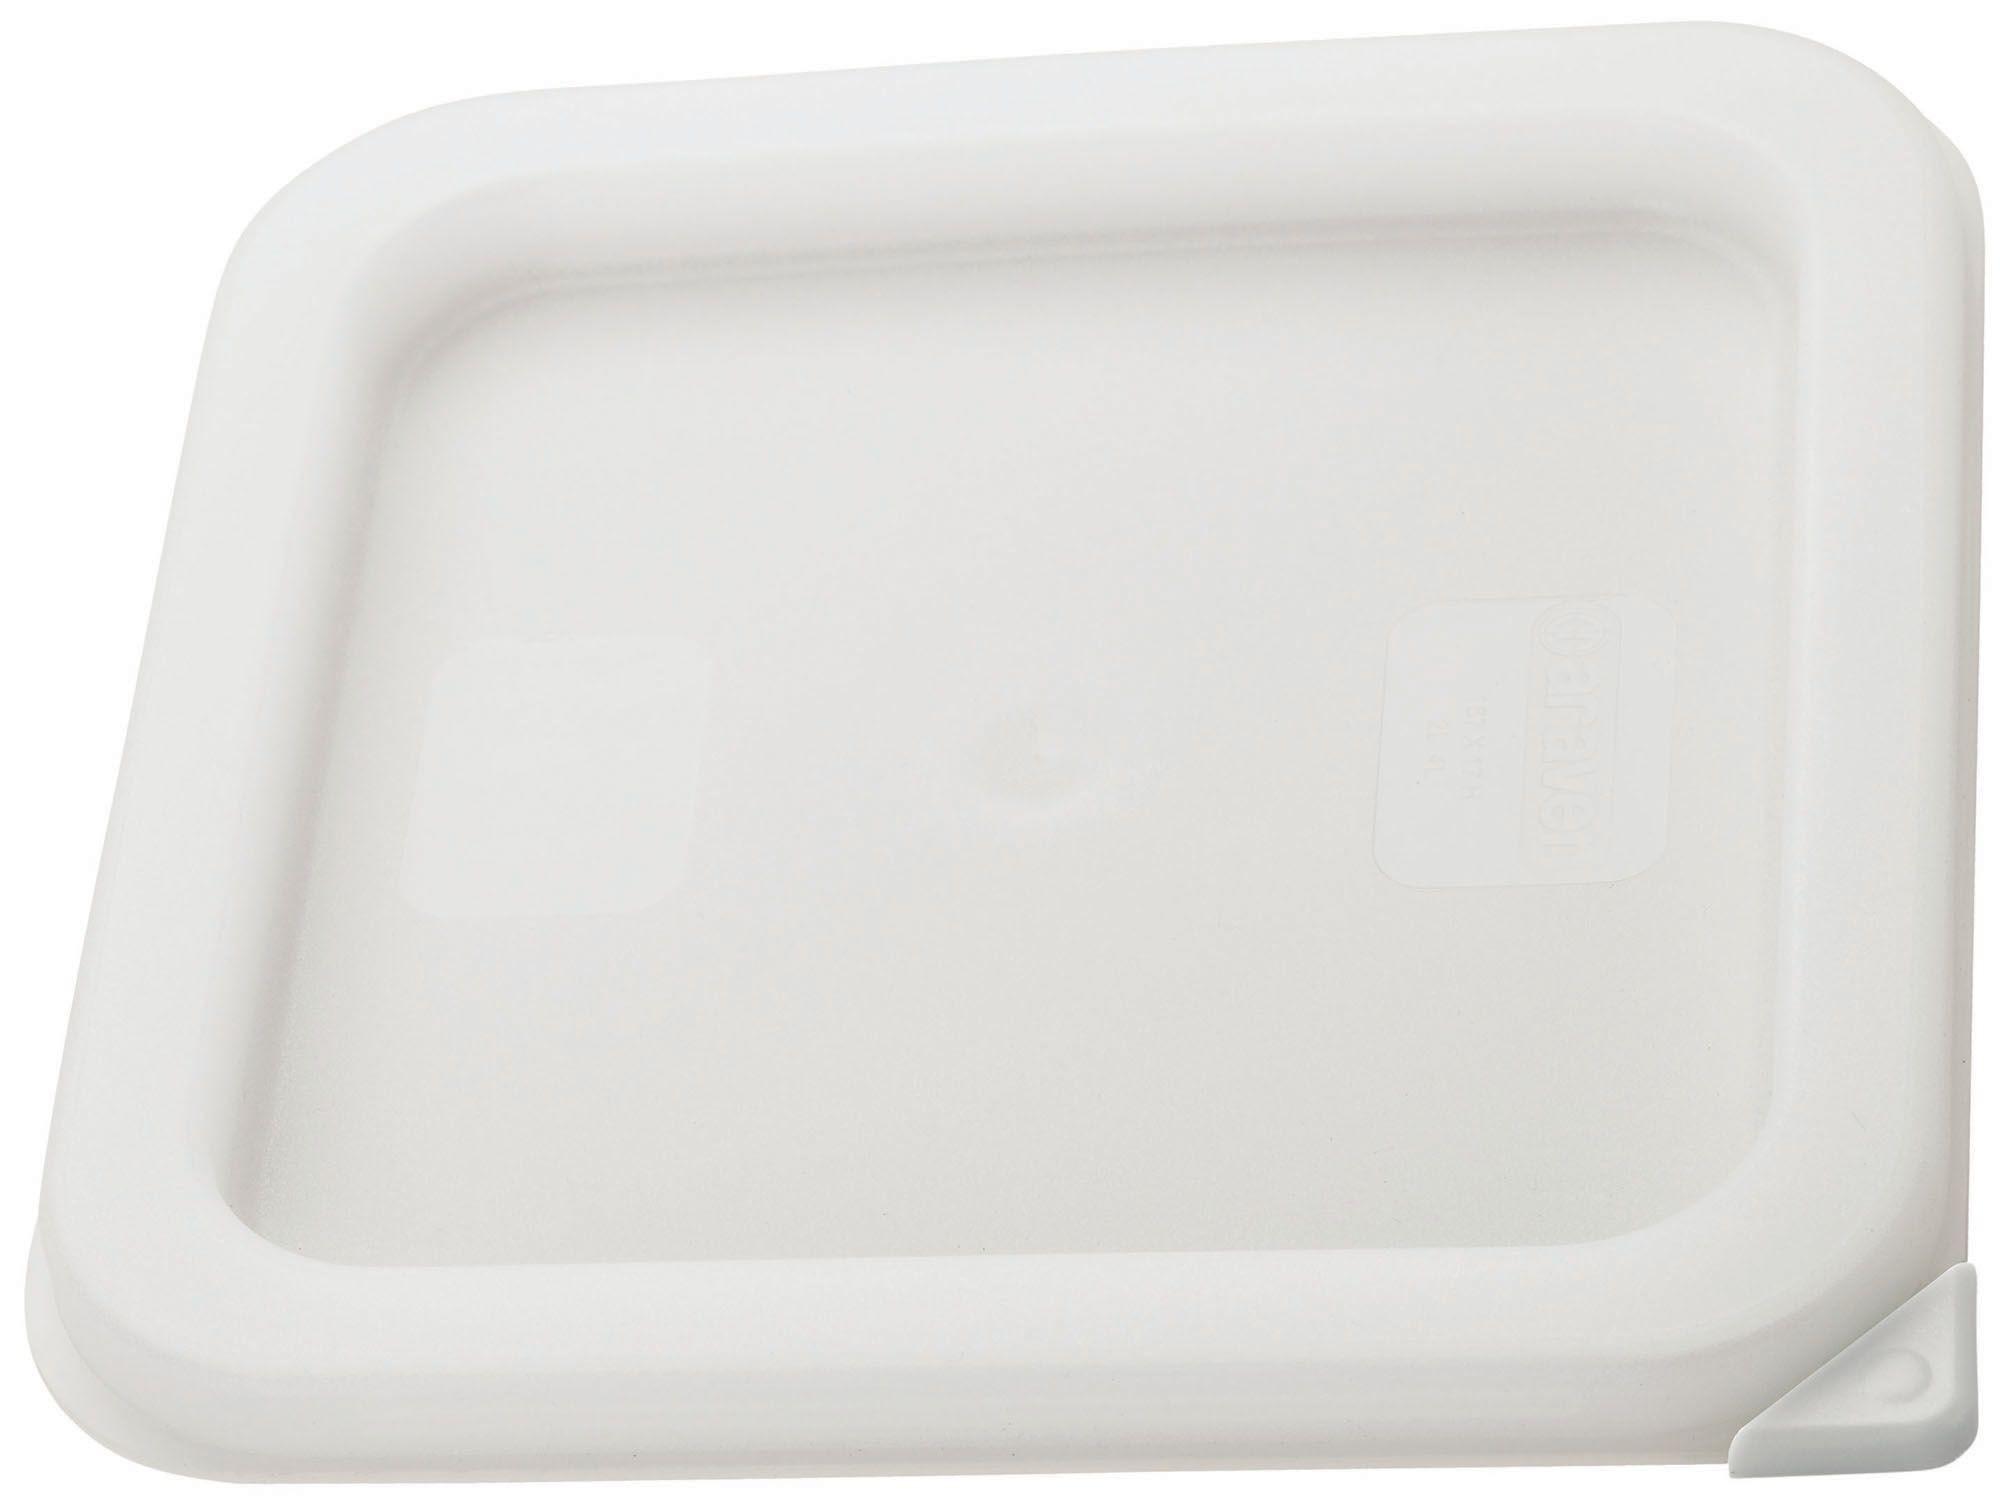 Winco PECC-S White Container Cover Fits 2 & 4 Qt Square Containers